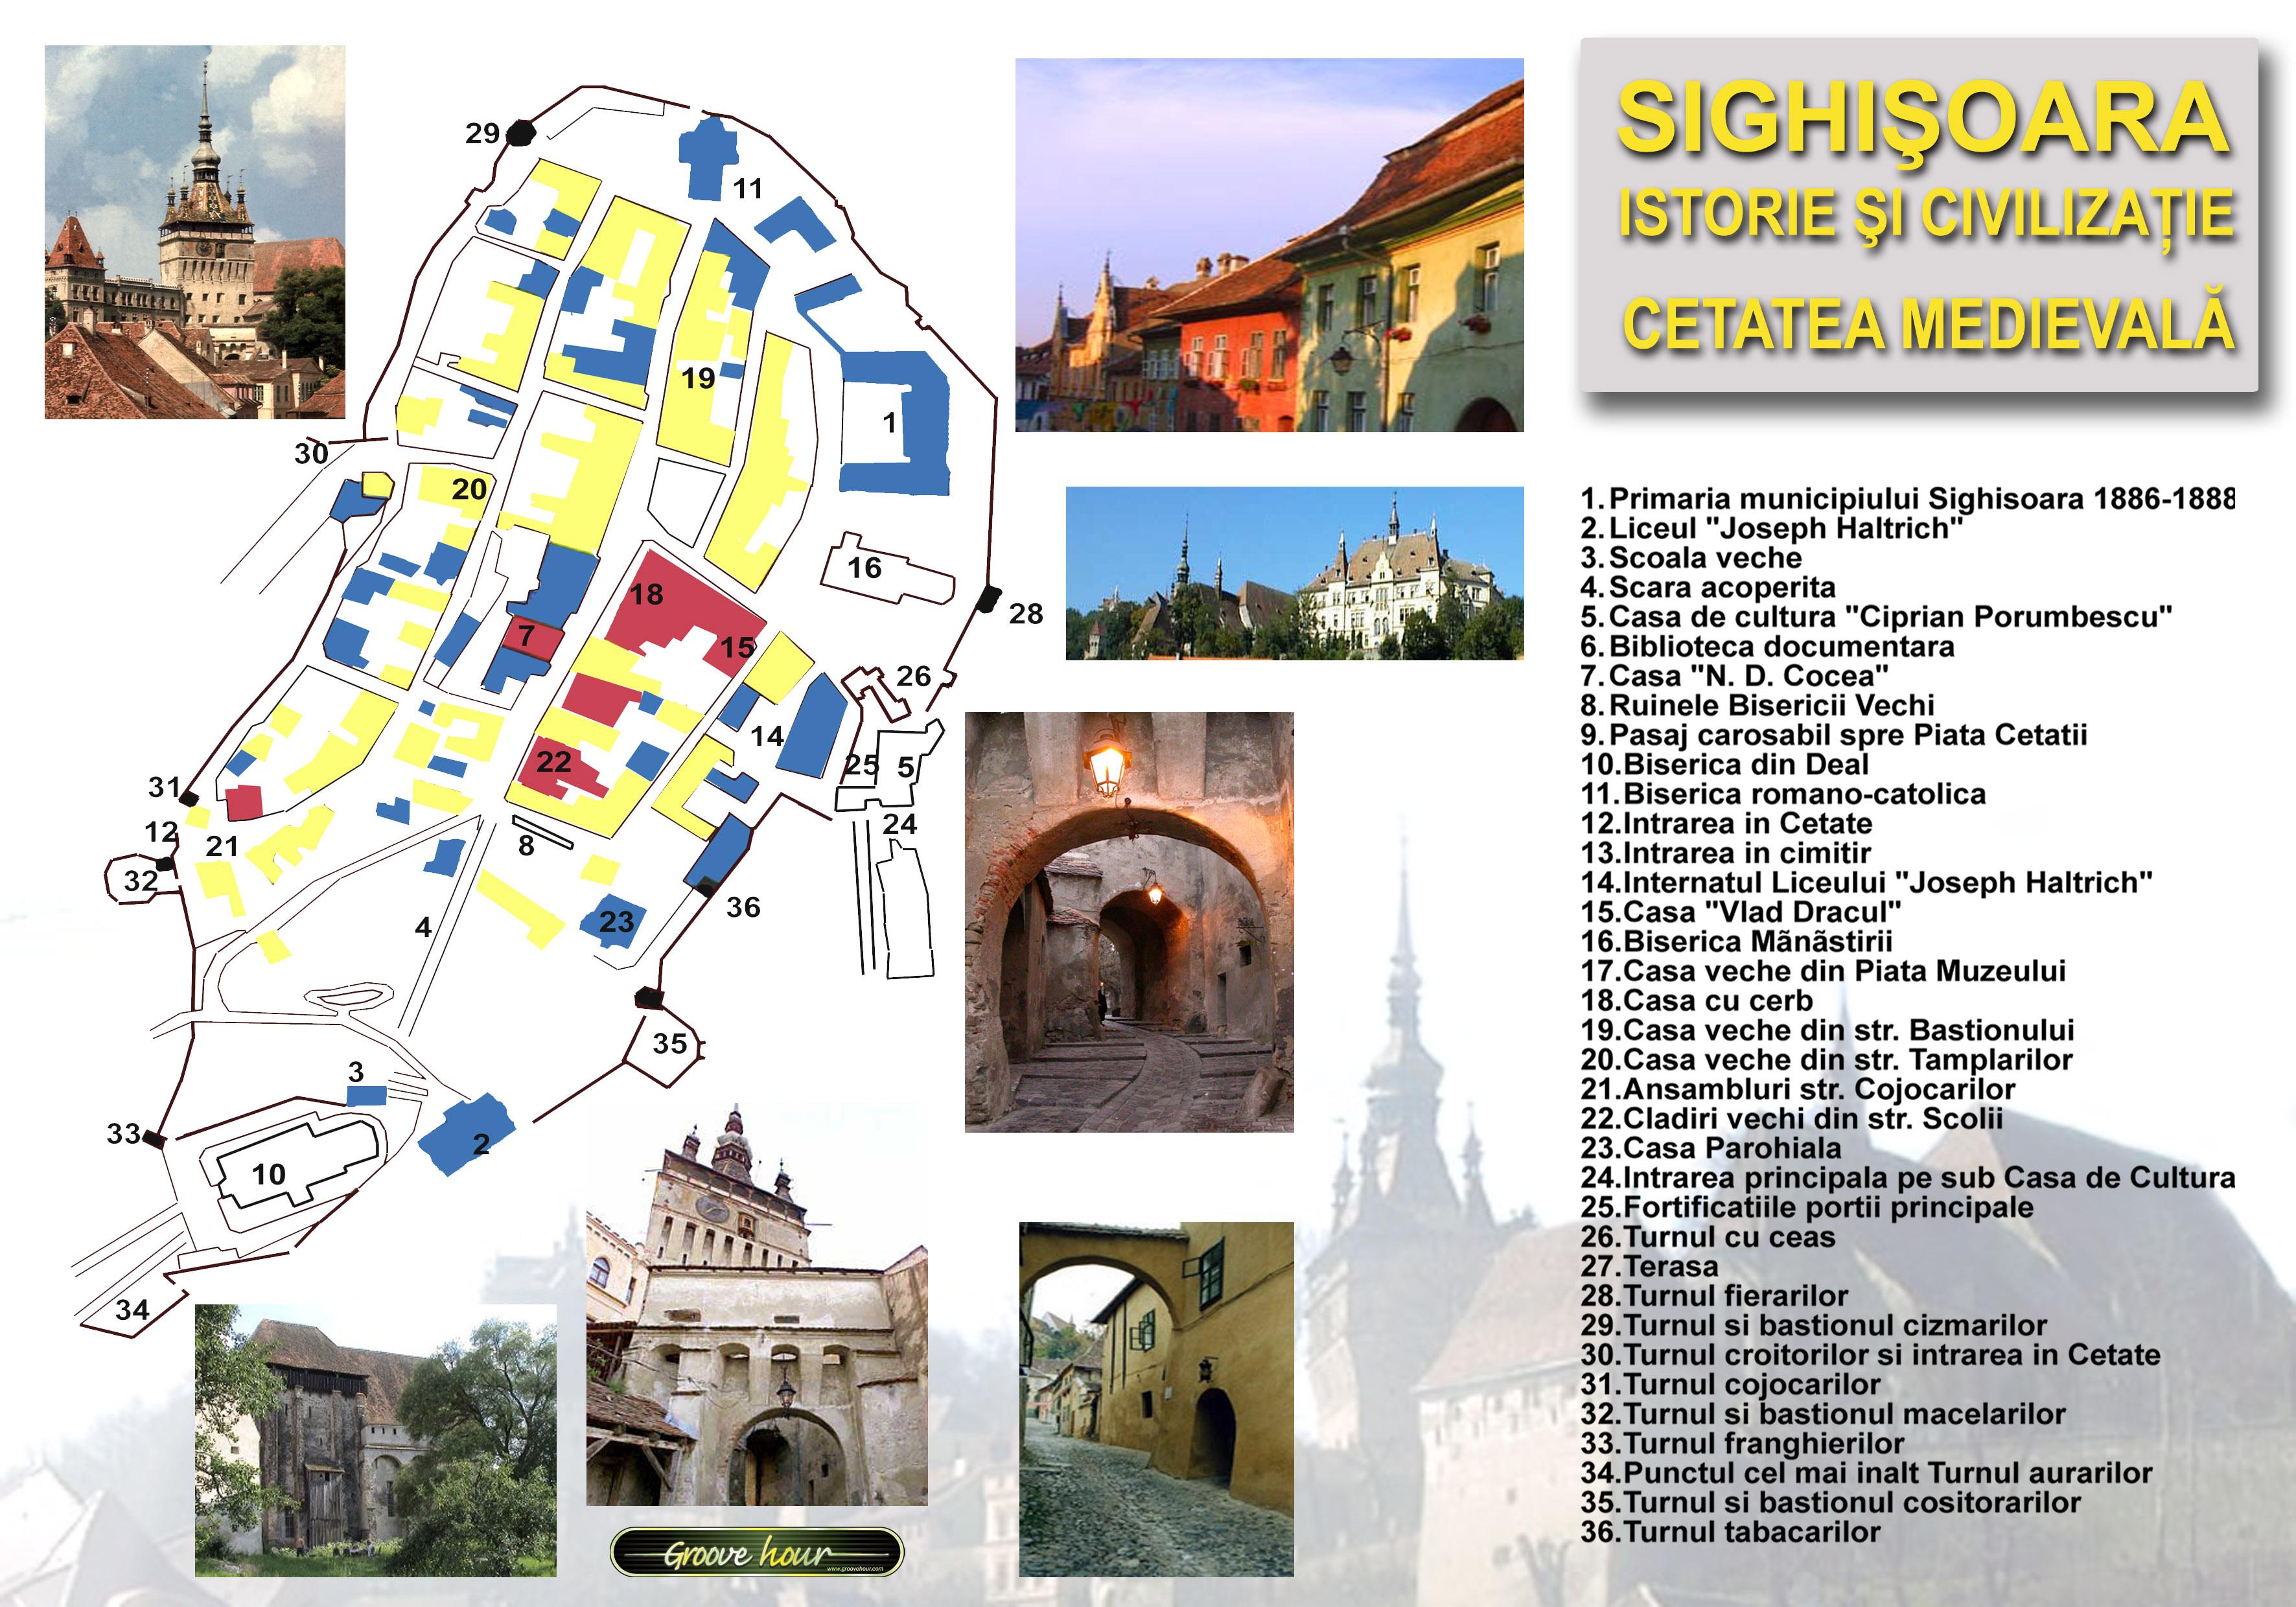 Sighisoara Harta Cetatii Medievale